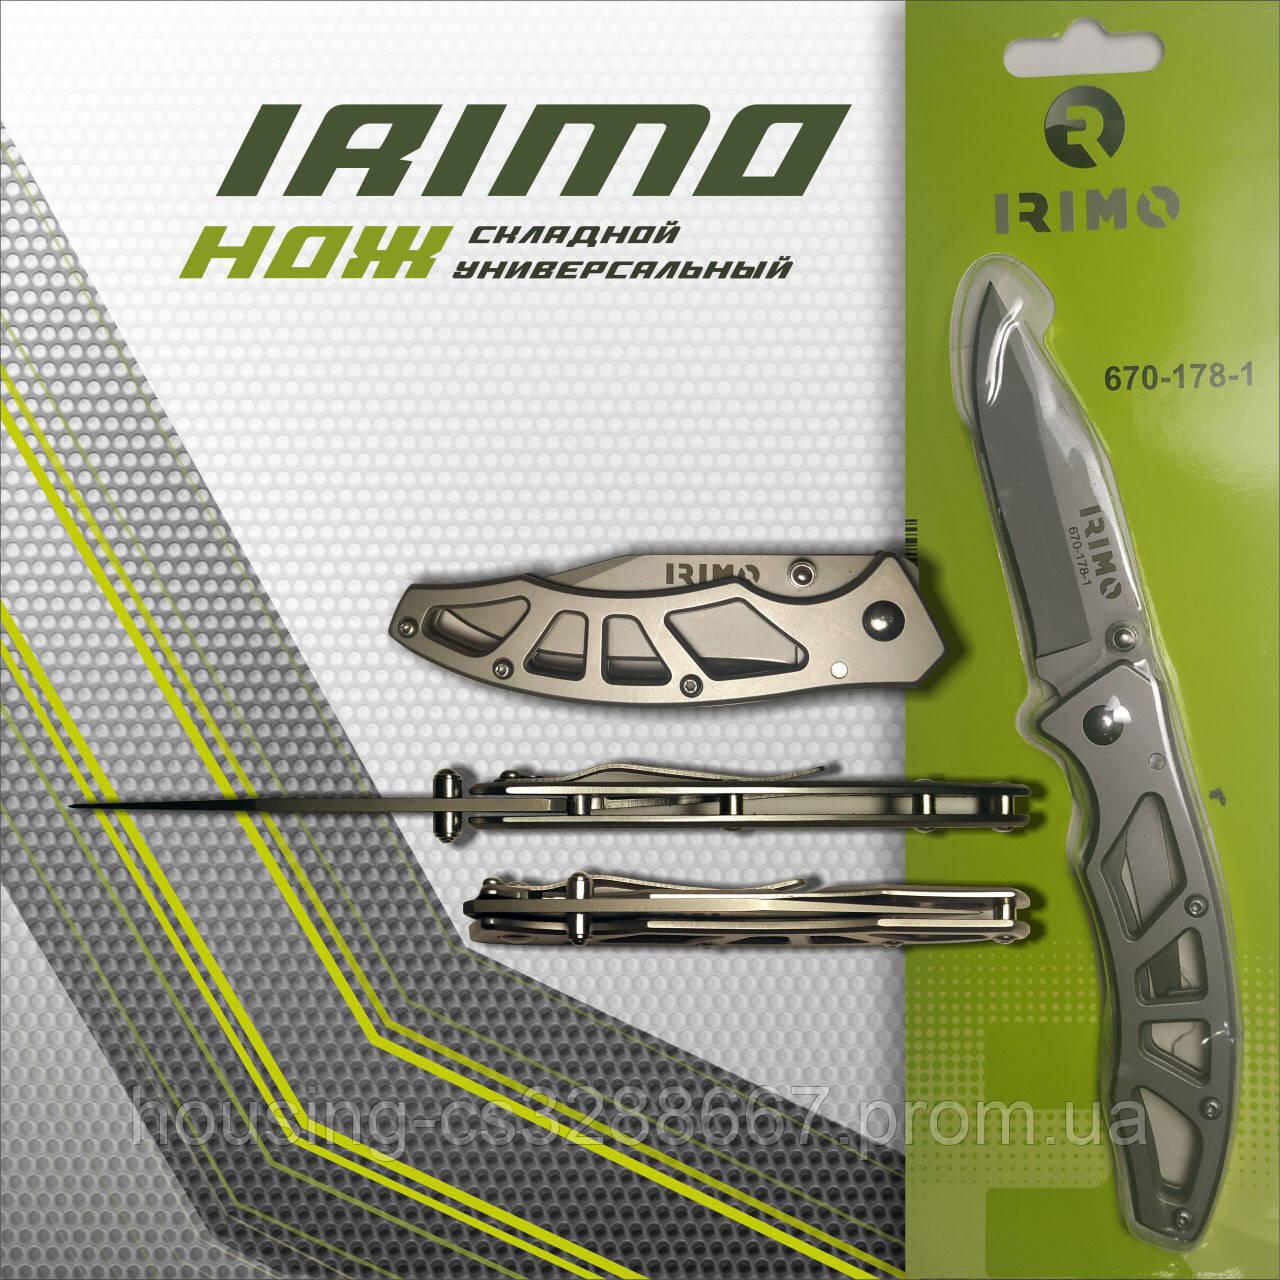 Нож складной Irimo 670-178-1 (Bahco)